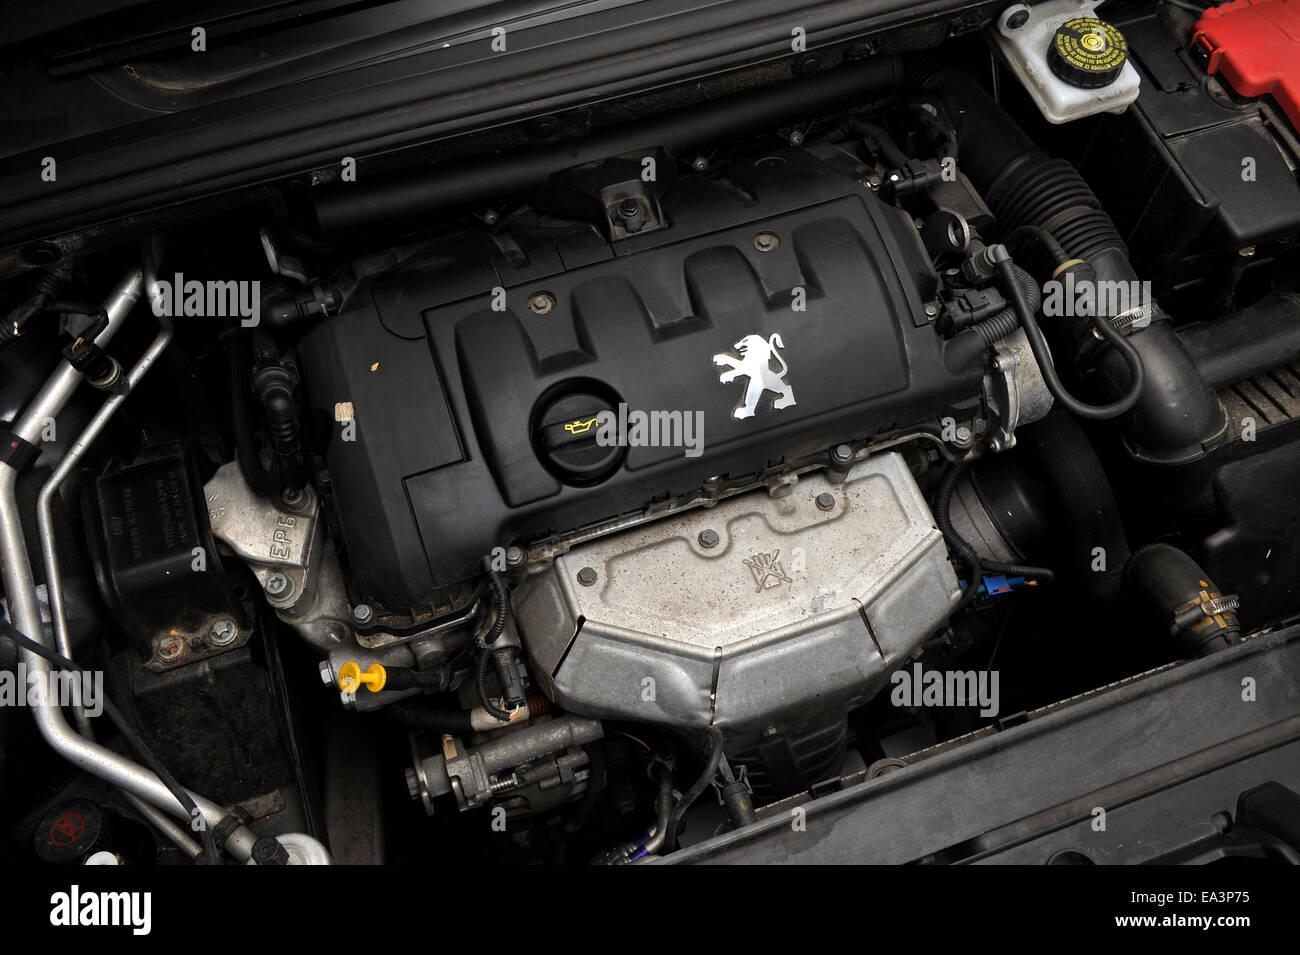 2007 Peugeot 308 Stock Photo